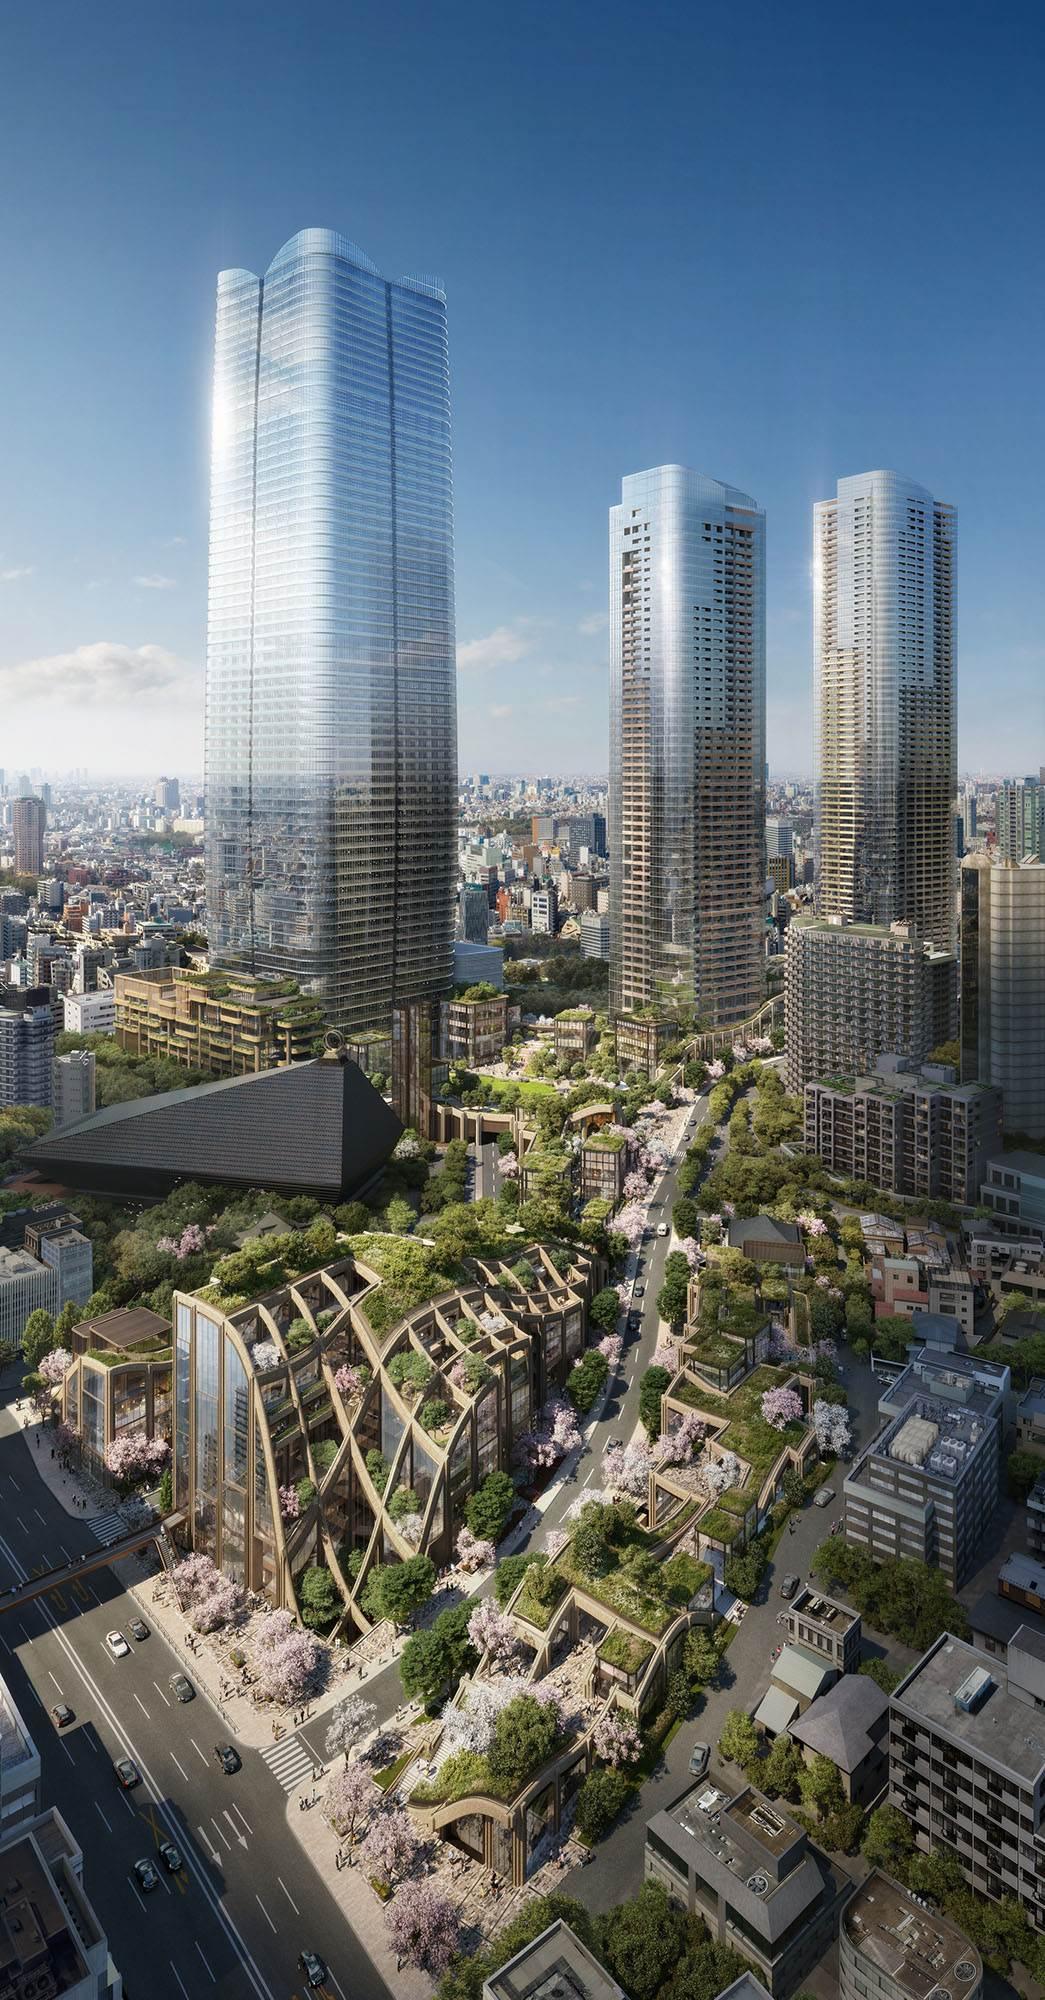 Mori Building's latest urban redevelopment project for the Toranomon and Azabudai area (Mori Building Co.)